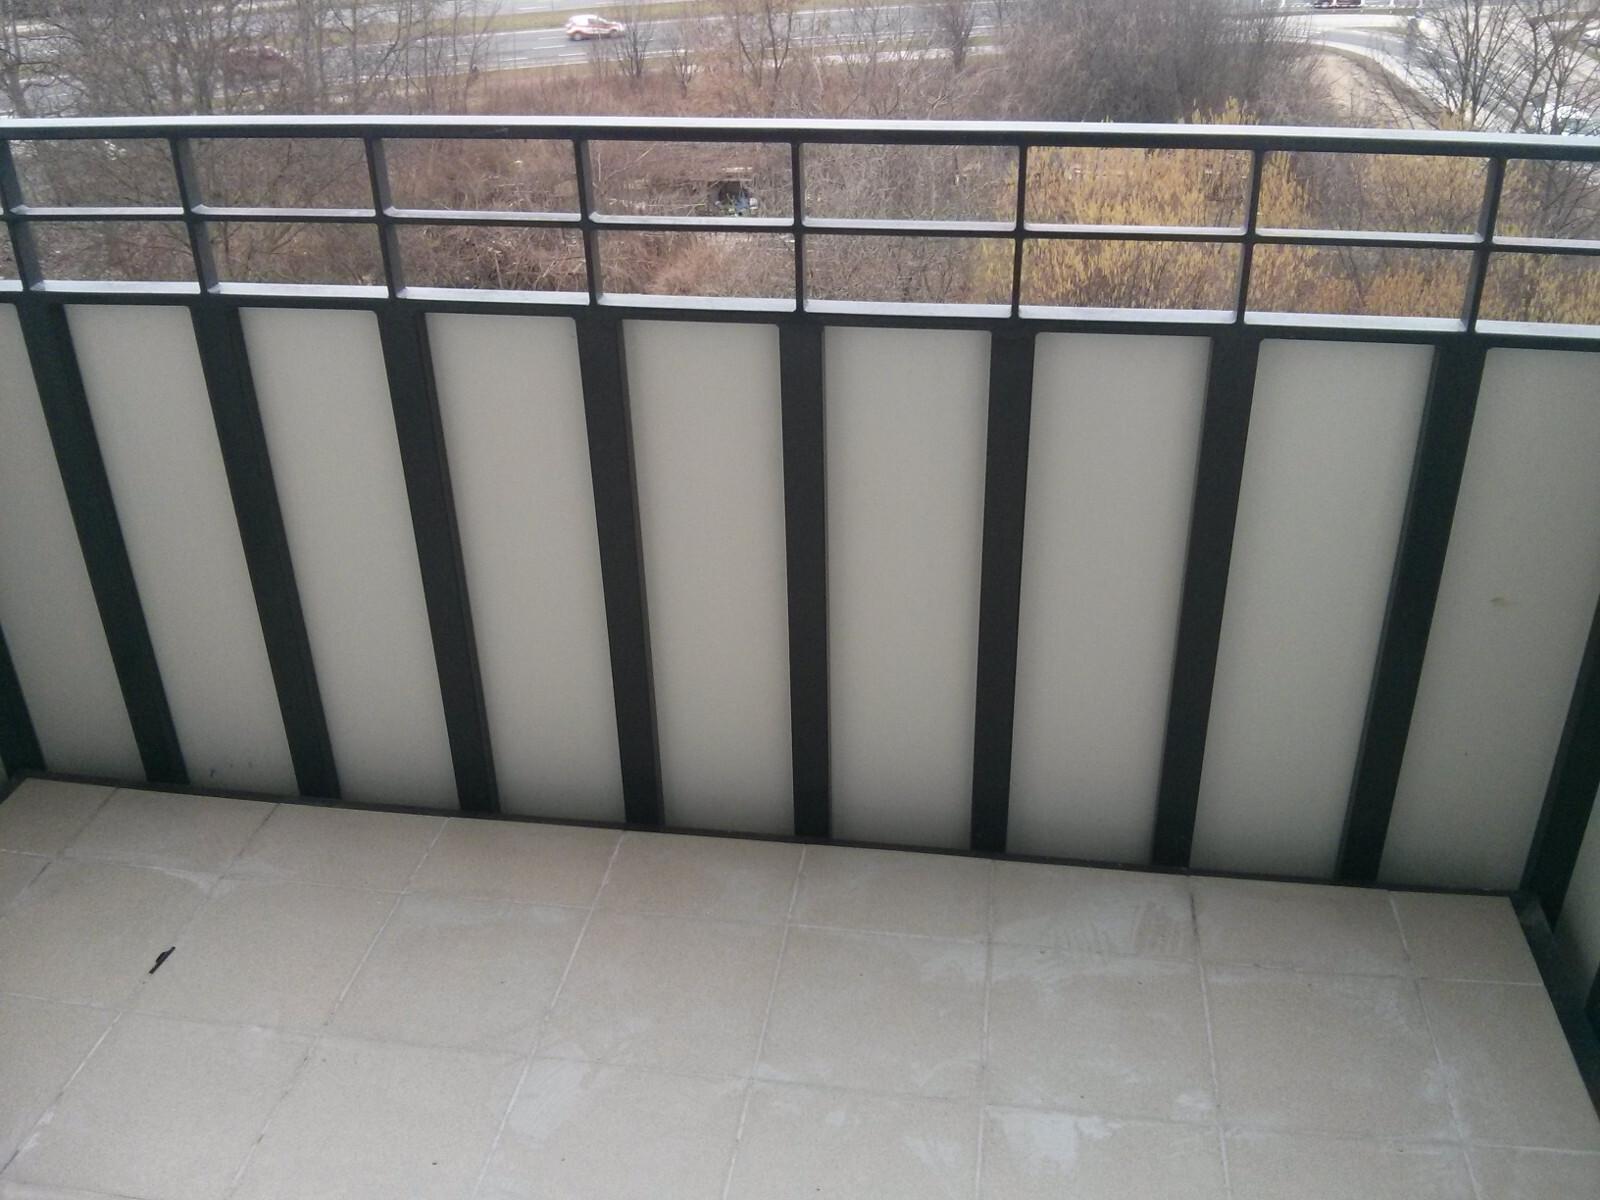 Balkony przy mieszkaniach w bloku na Orlińskiego 4